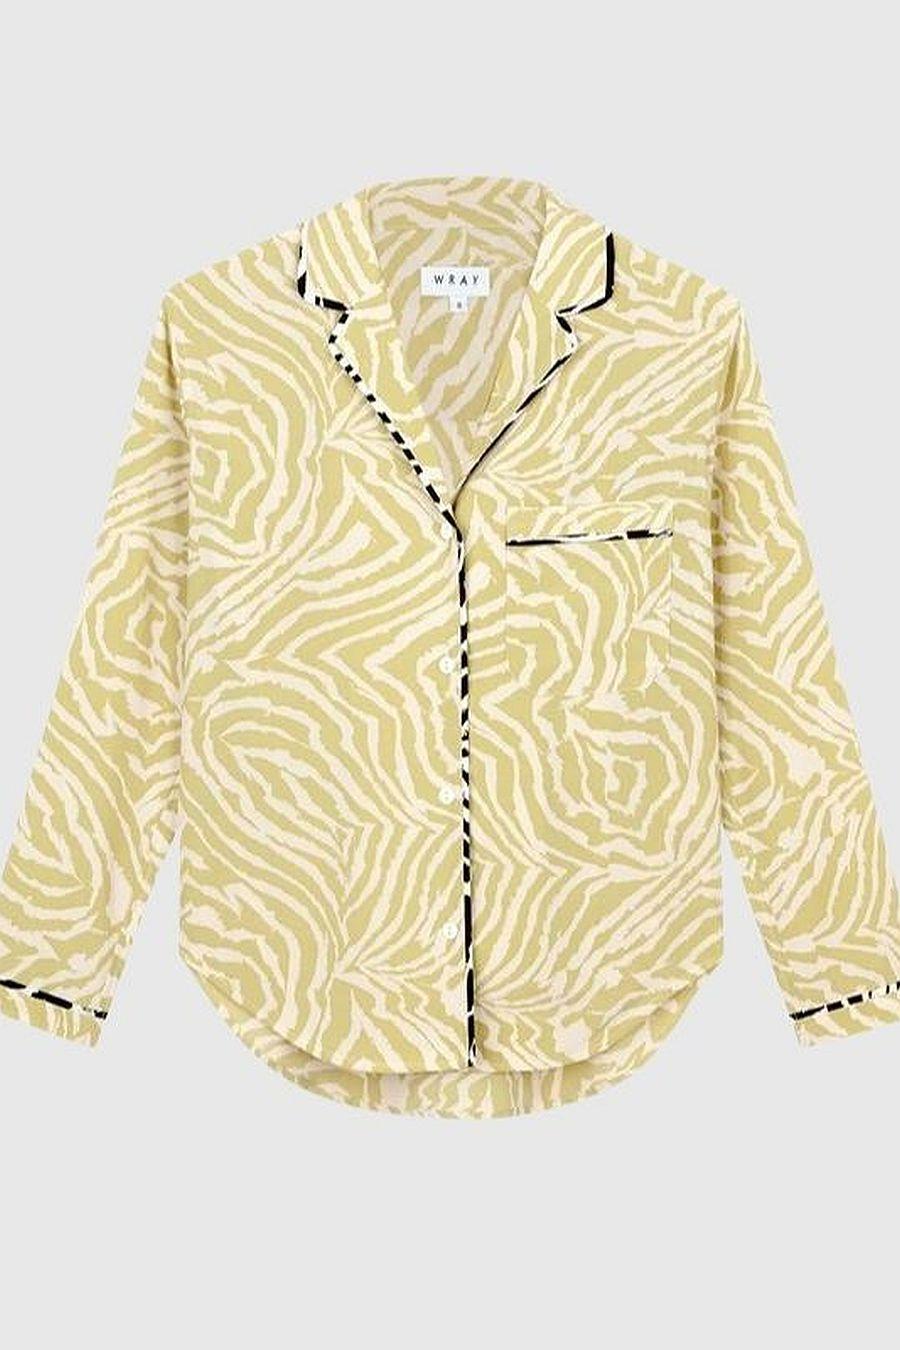 Wray NYC Lena Top - Pistachio Swirl Zebra